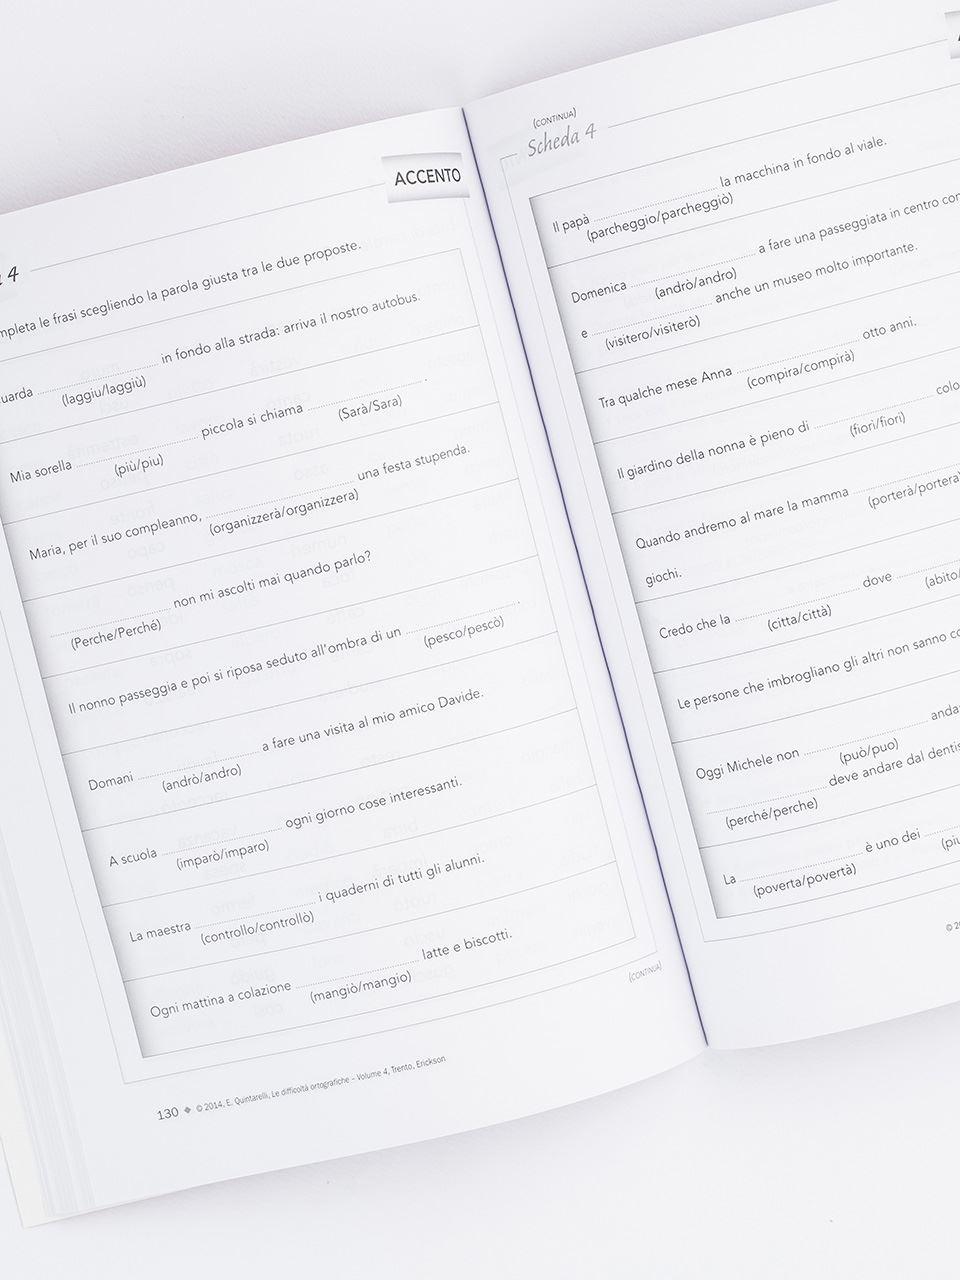 Le difficoltà ortografiche - Volume 4 - Libri - App e software - Erickson 2